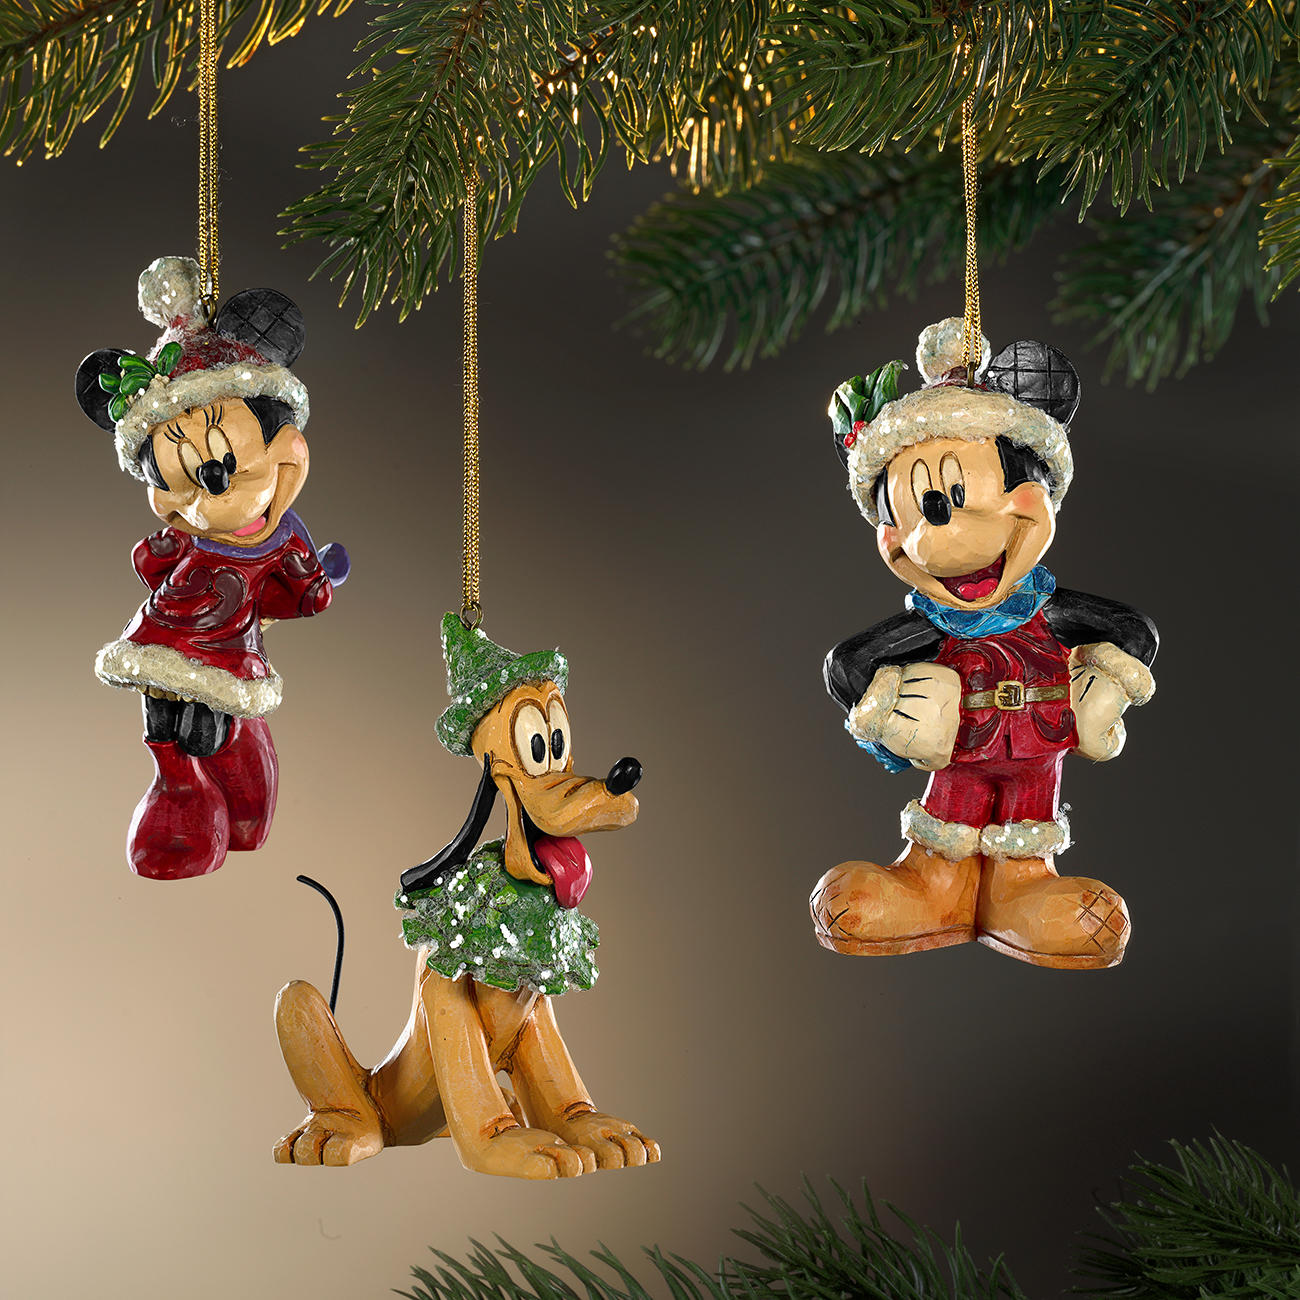 Disney Traditional Weihnachtsfiguren Online Kaufen